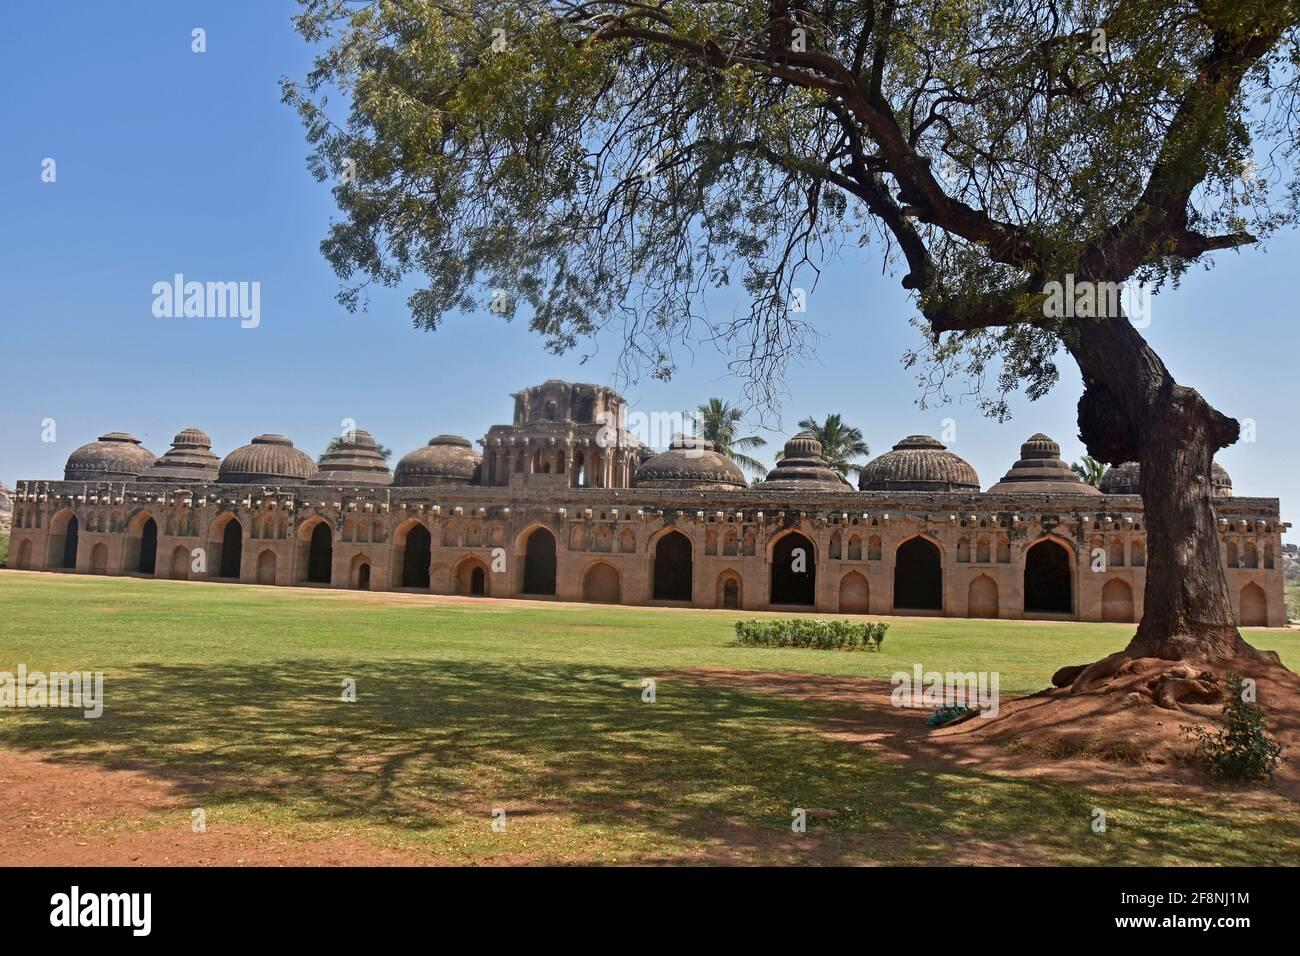 Ruinas antiguas de los establos de elefantes reales en Hampi del siglo 14th reino de Vijayanagara la antigua ciudad de Vijayanagara, Hampi, Karnataka, India Foto de stock